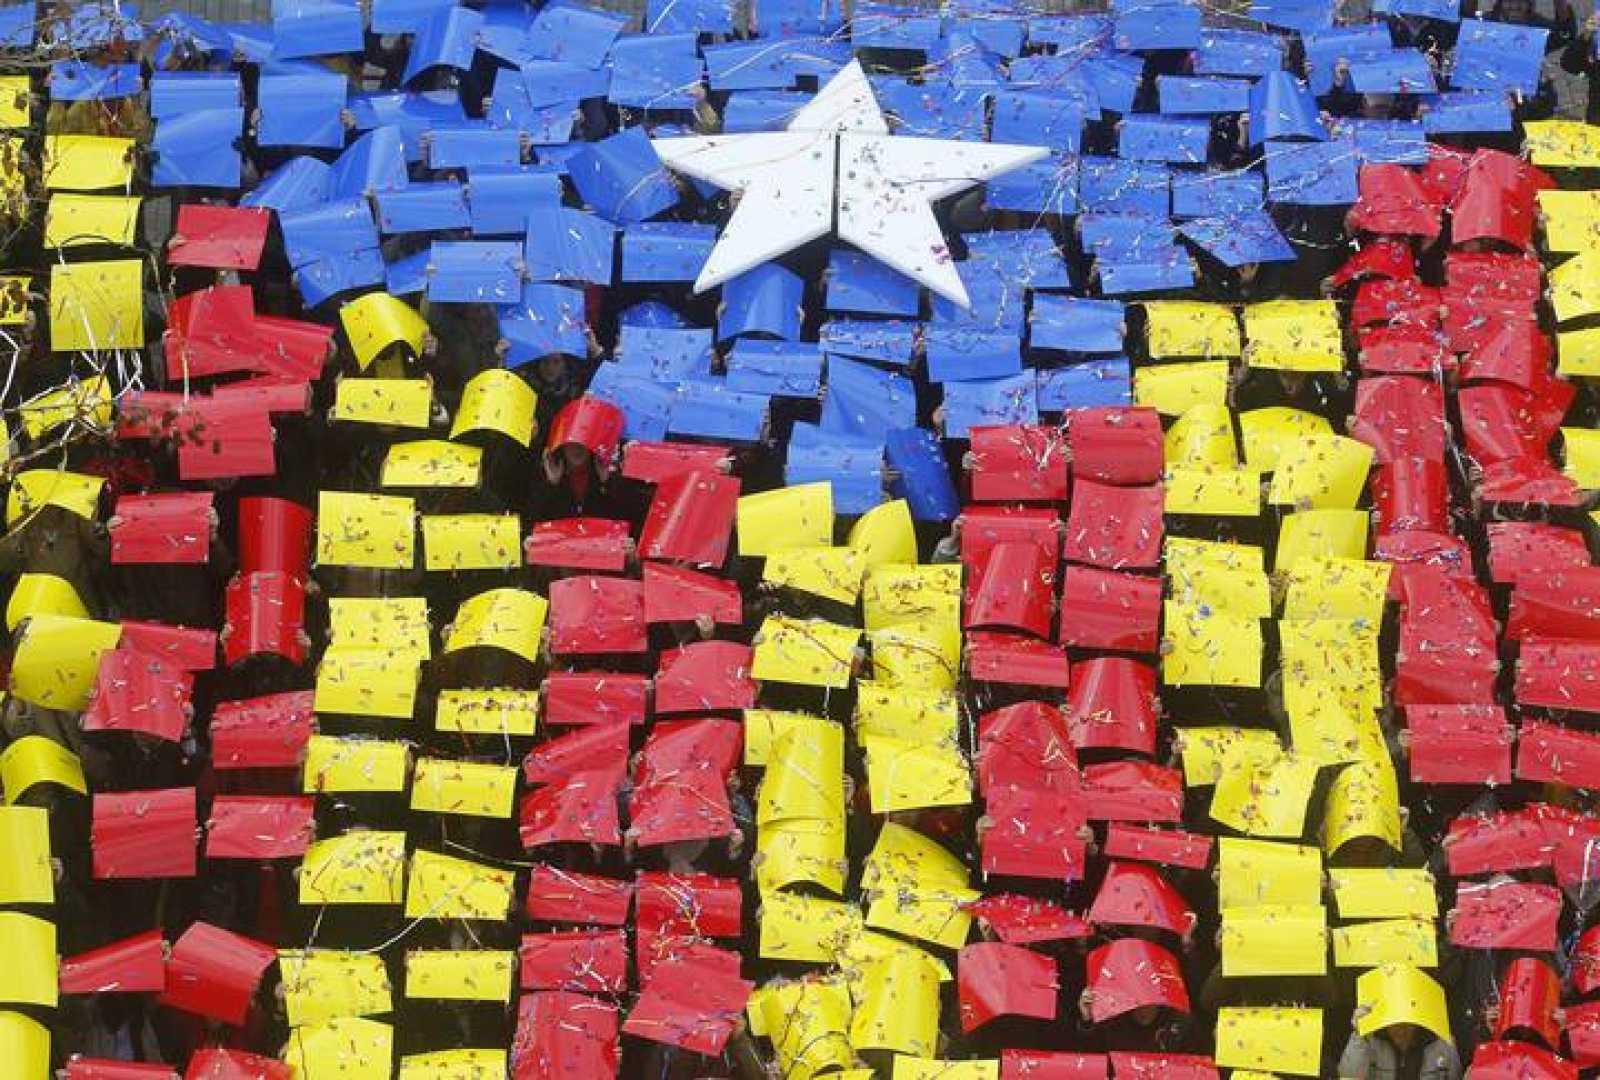 La 'estelada', la bandera independentista catalana, formada por ciudadanos en un acto el pasado mes de febrero en Sant Feliu del Llobregat.